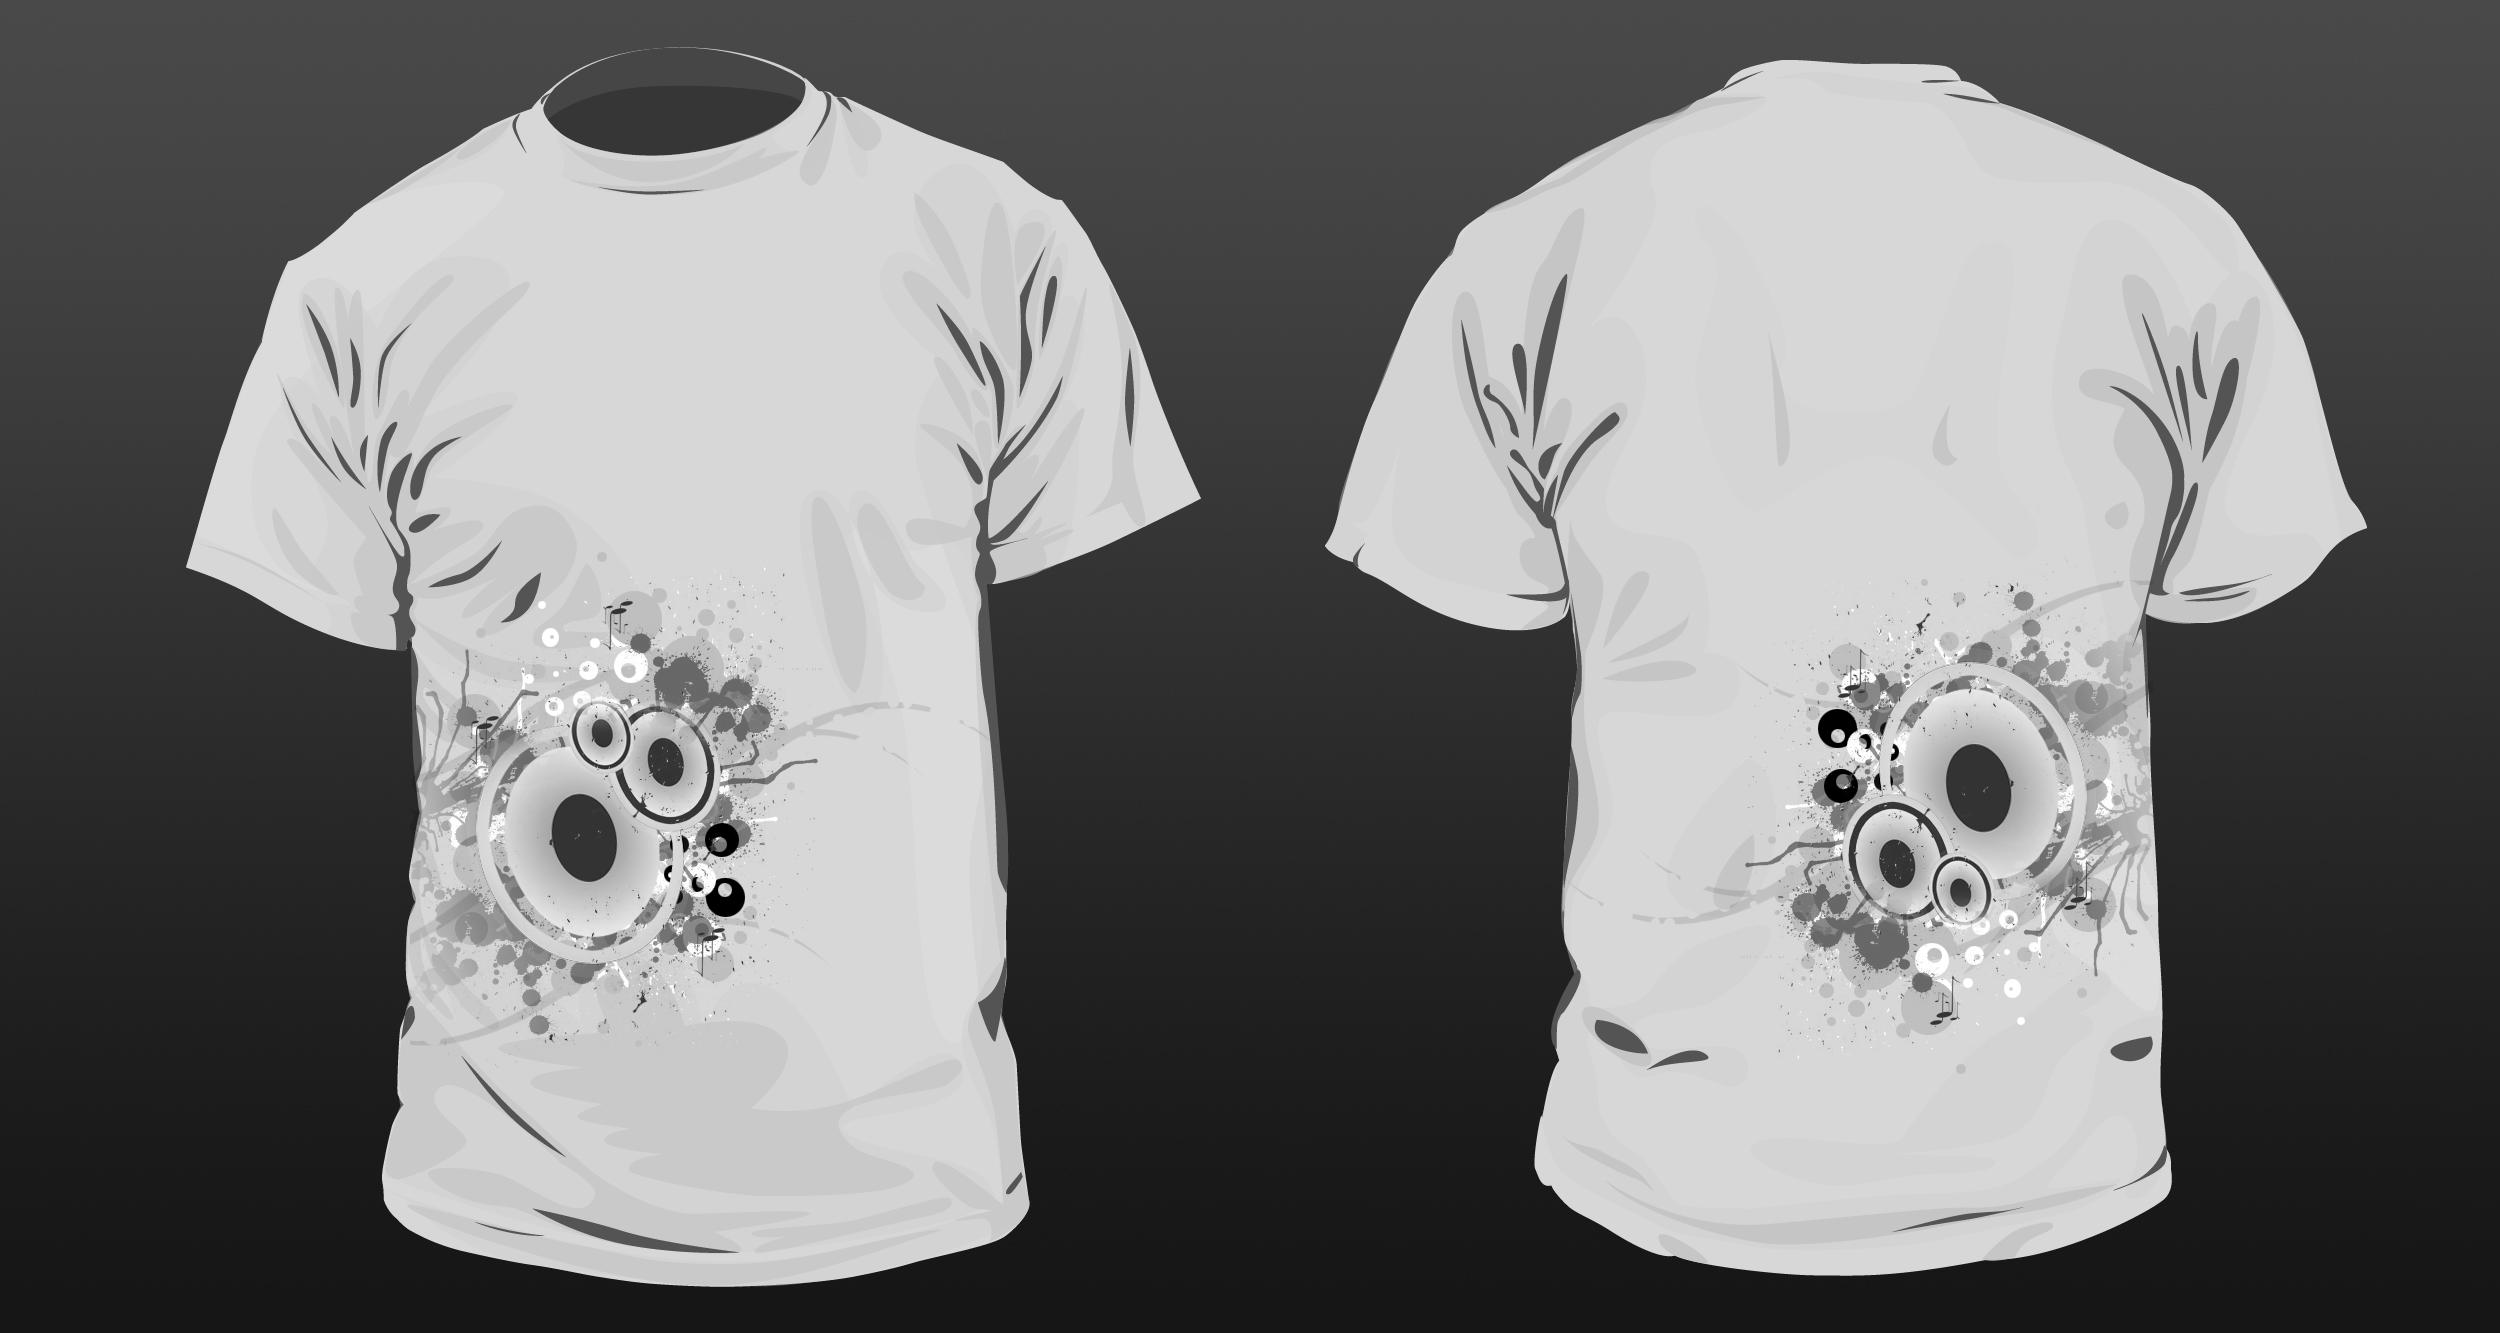 Creativity Tshirt Design By Gkgfx On Deviantart